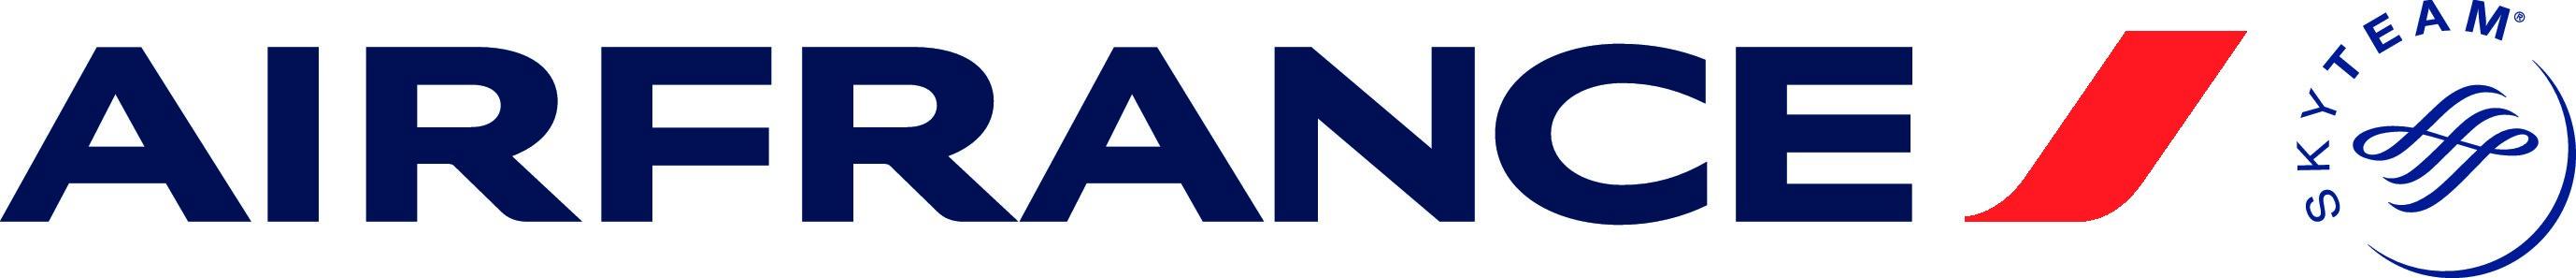 www.airfrance.cz - logo